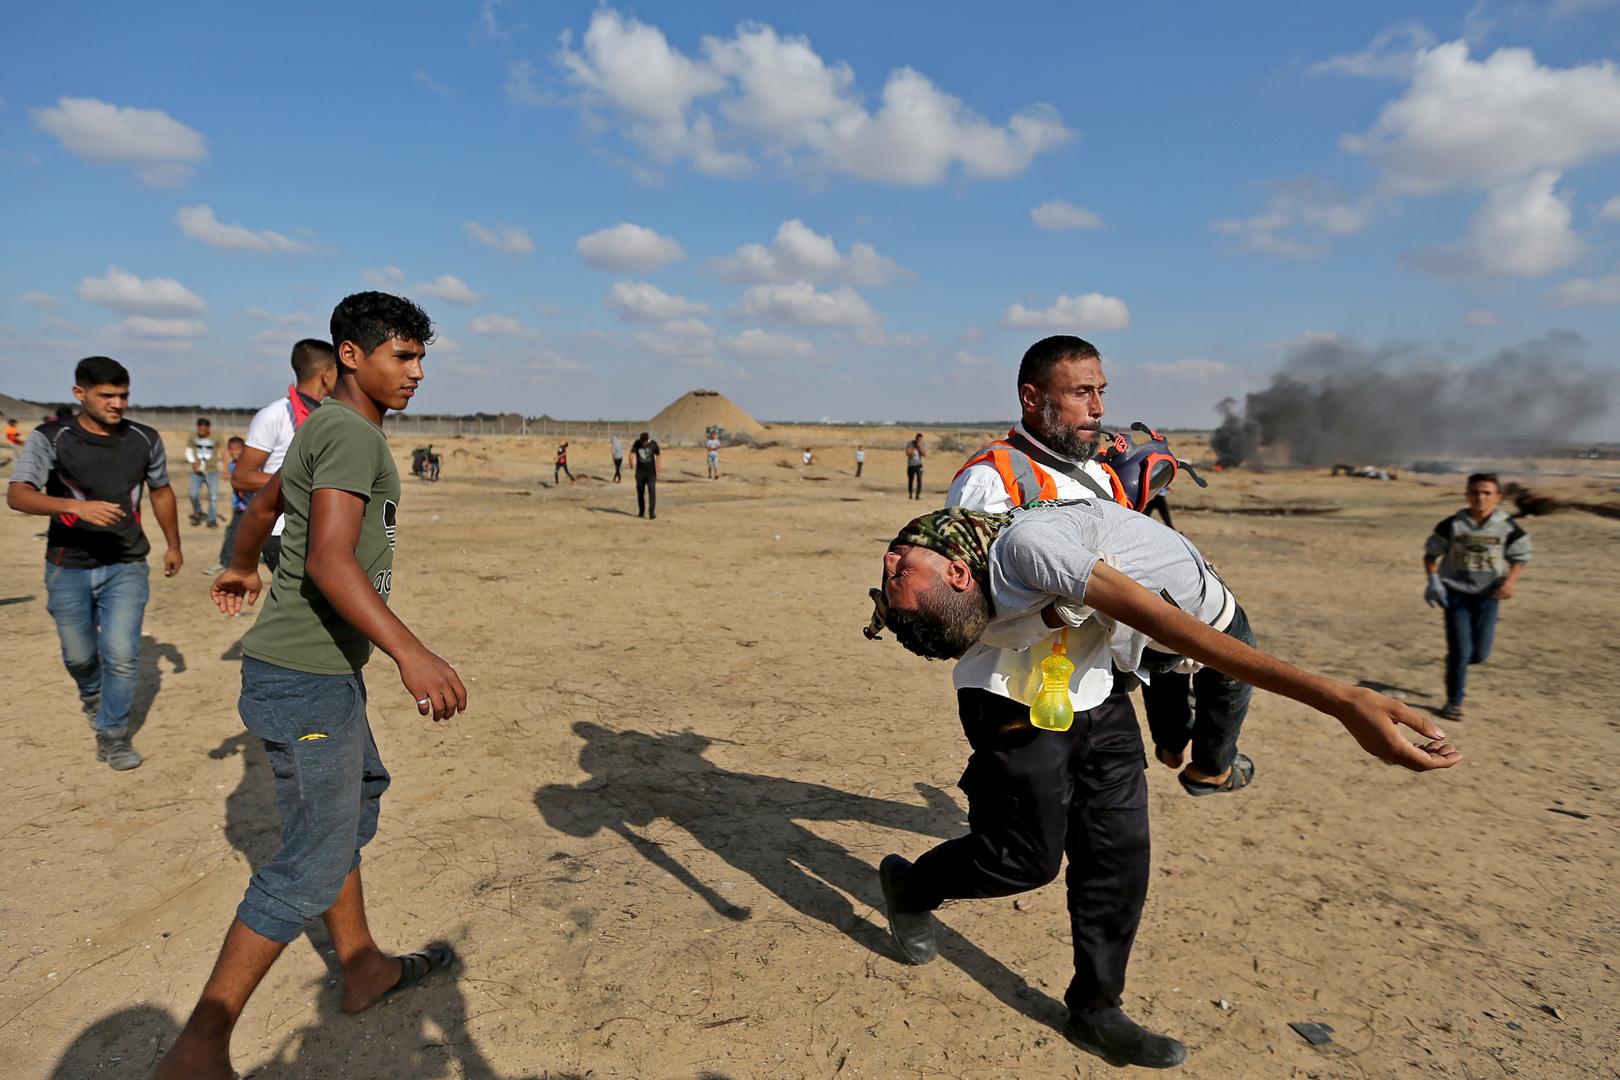 إجلاء فلسطيني مصاب أثناء مظاهرات